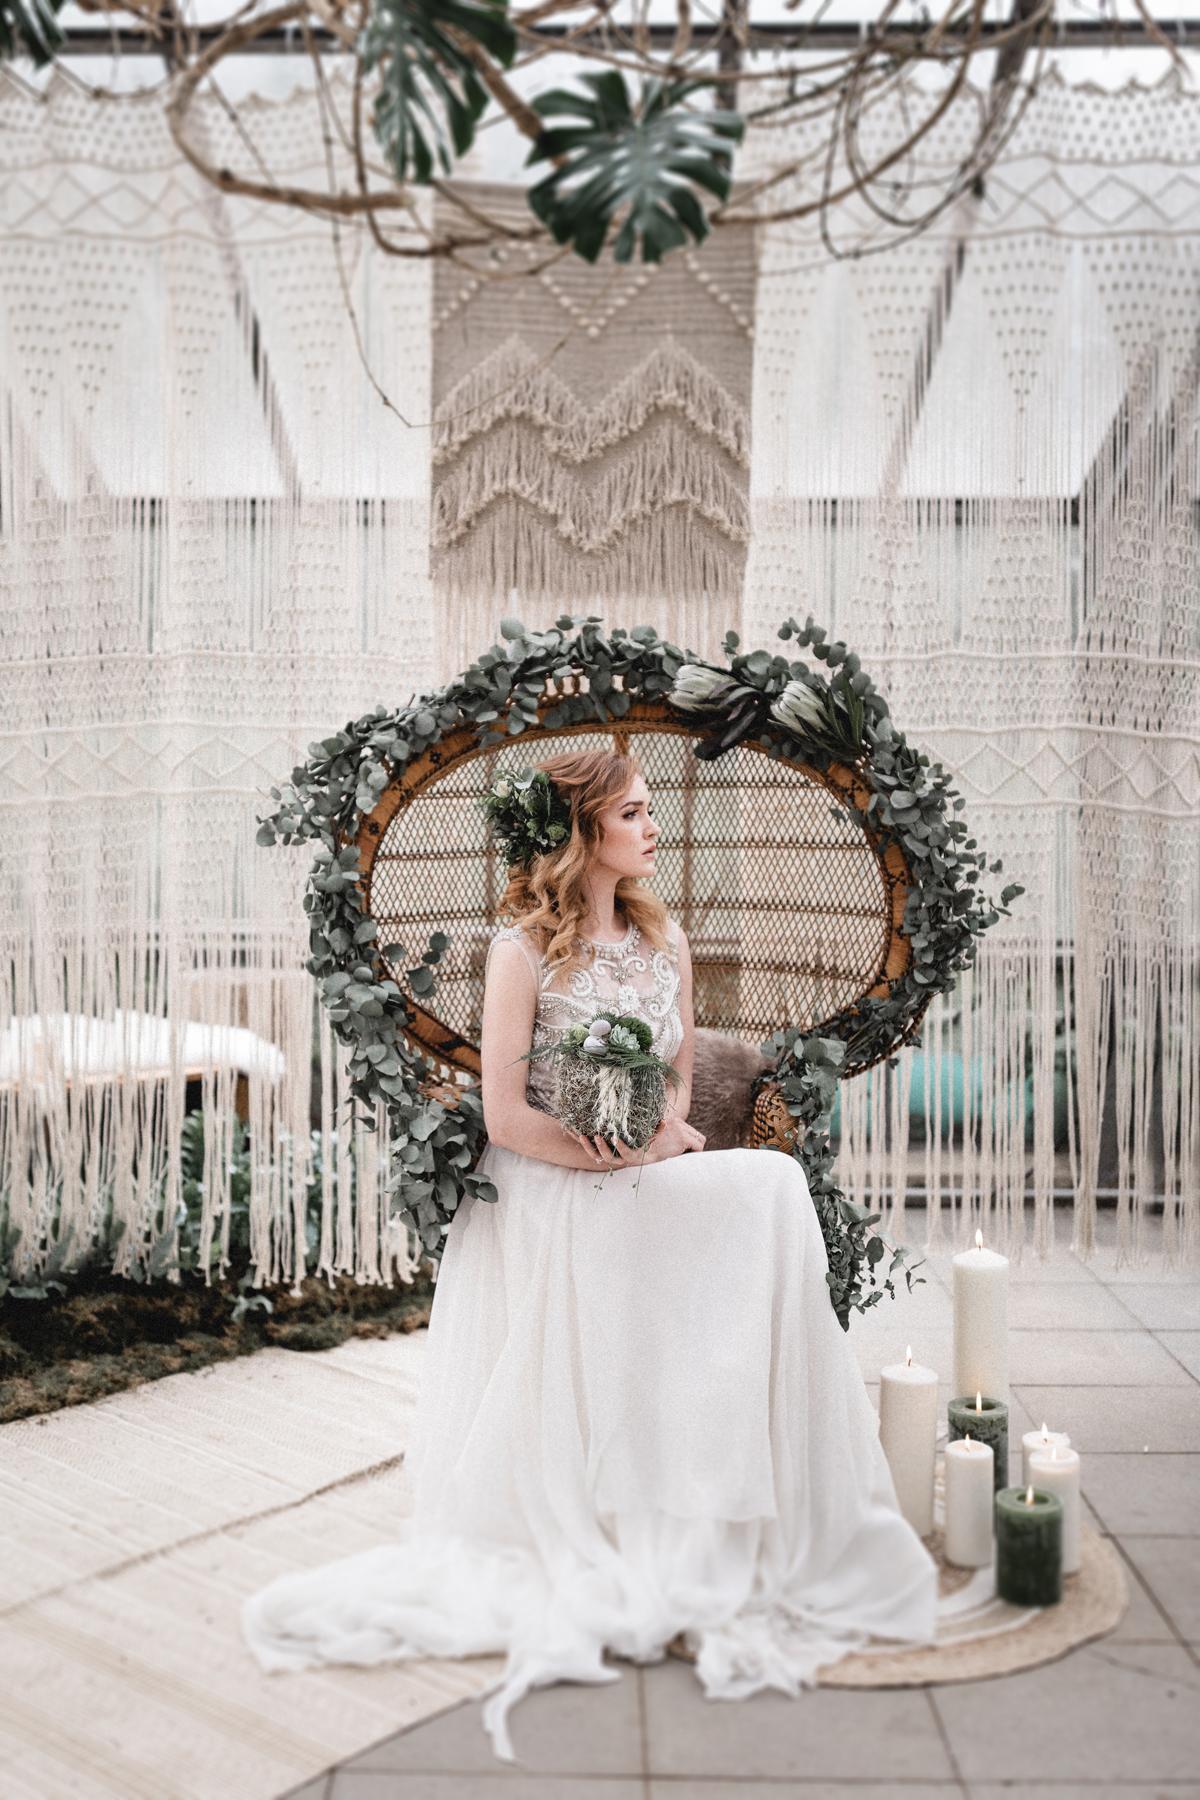 Andreas_Nusch_Hochzeitsfotografie_Brautshooting_2017_JA-Hochzeitsshop_0095